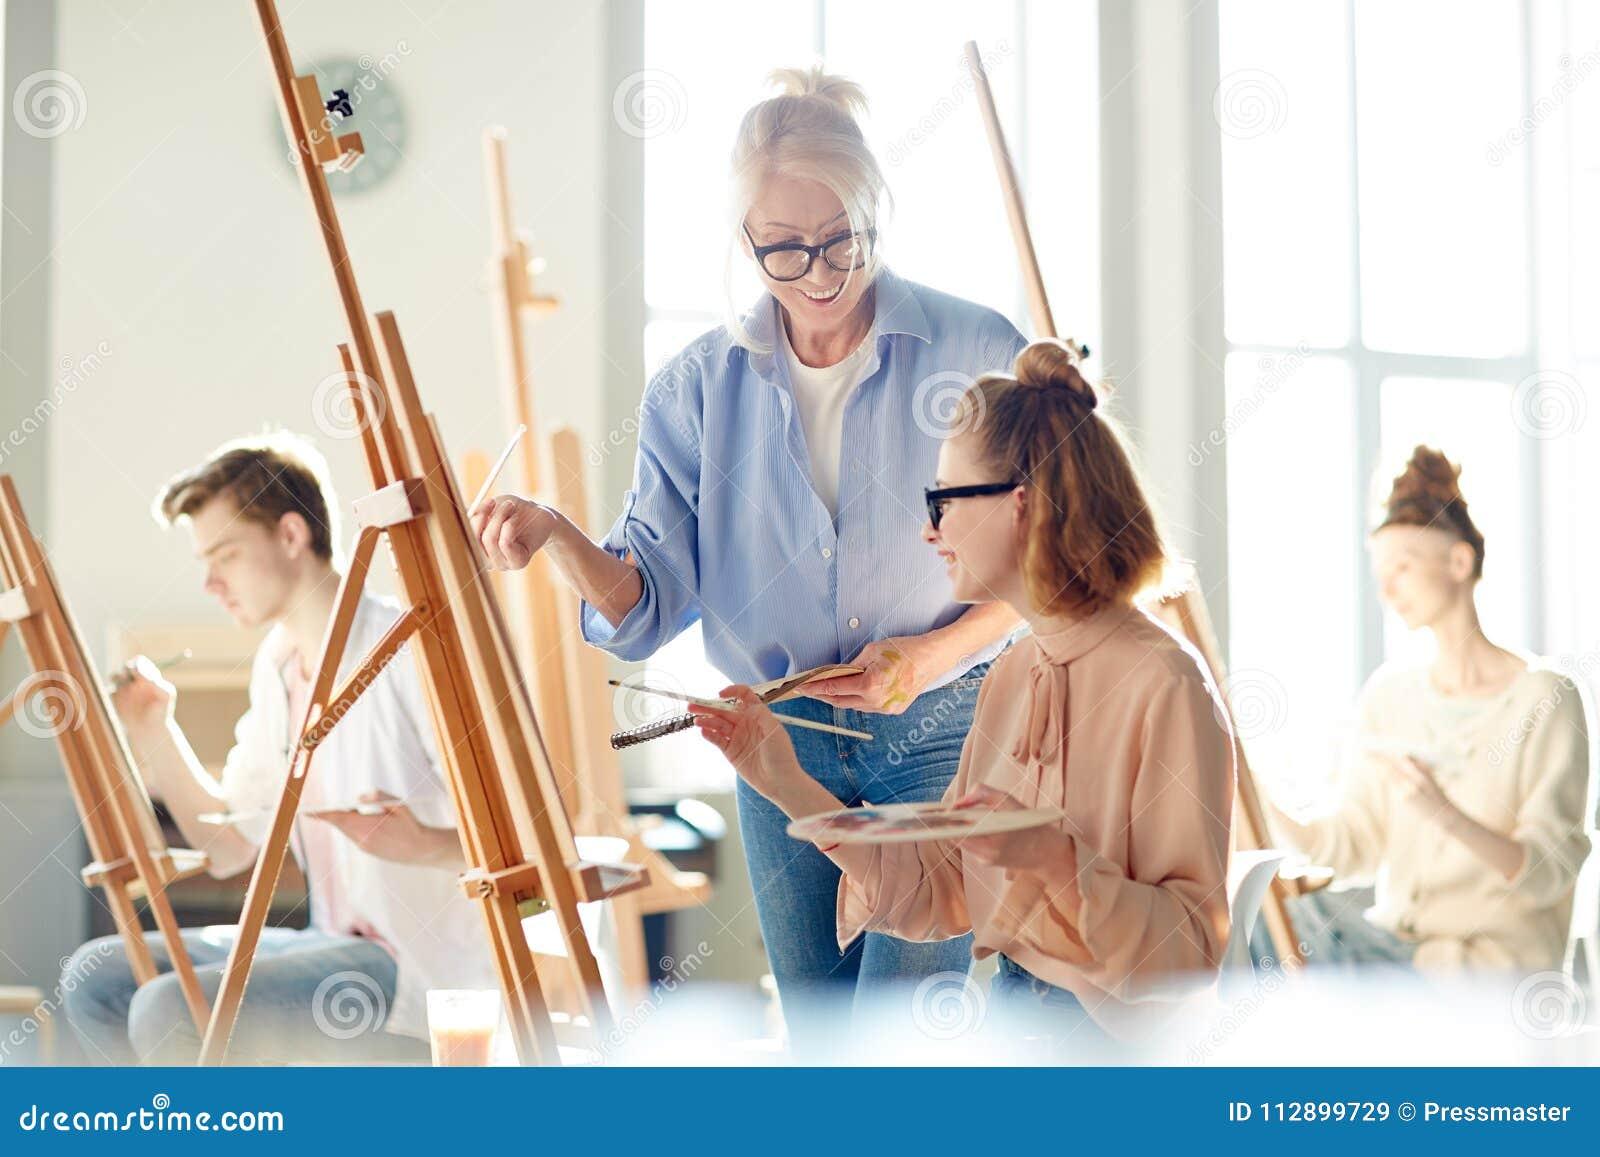 Lektion der Malerei